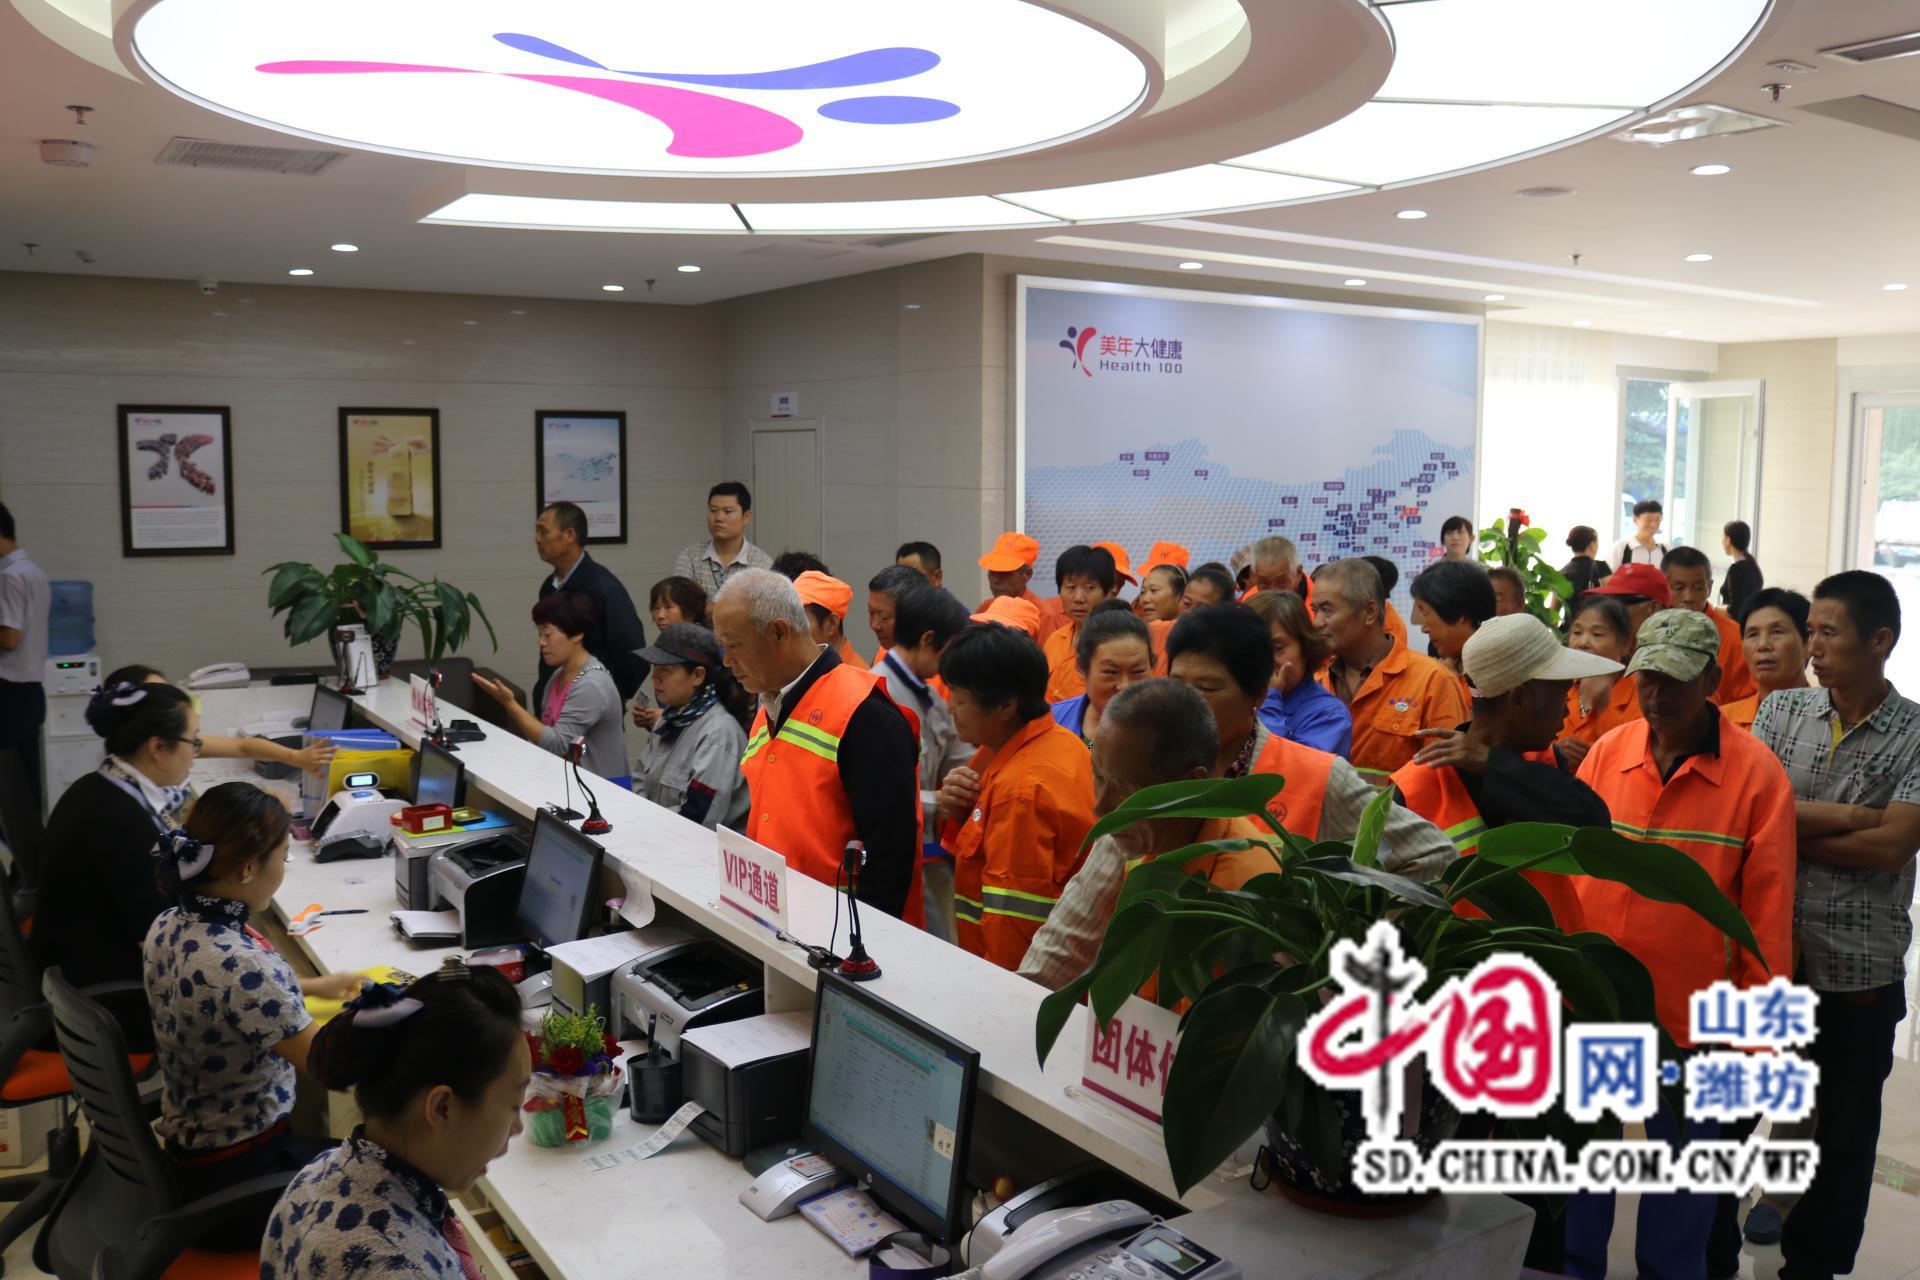 潍坊美年大健康体检部举行关爱环卫工人公益体检活动